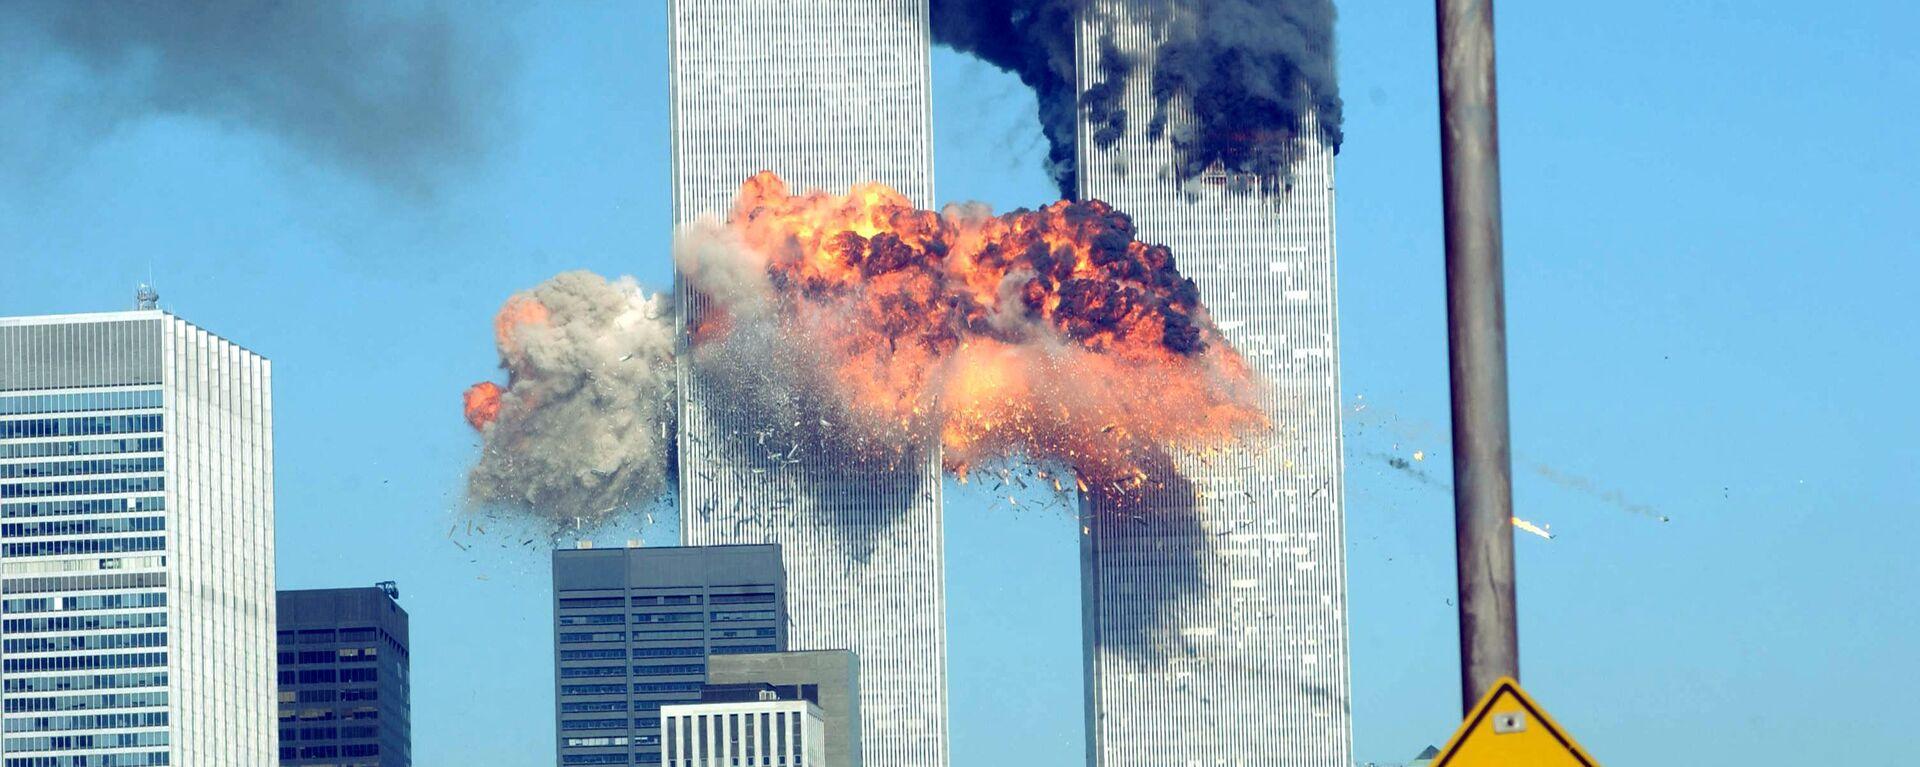 Разрушения в результате теракта 11 сентября в Нью-Йорке - Sputnik Արմենիա, 1920, 06.09.2021